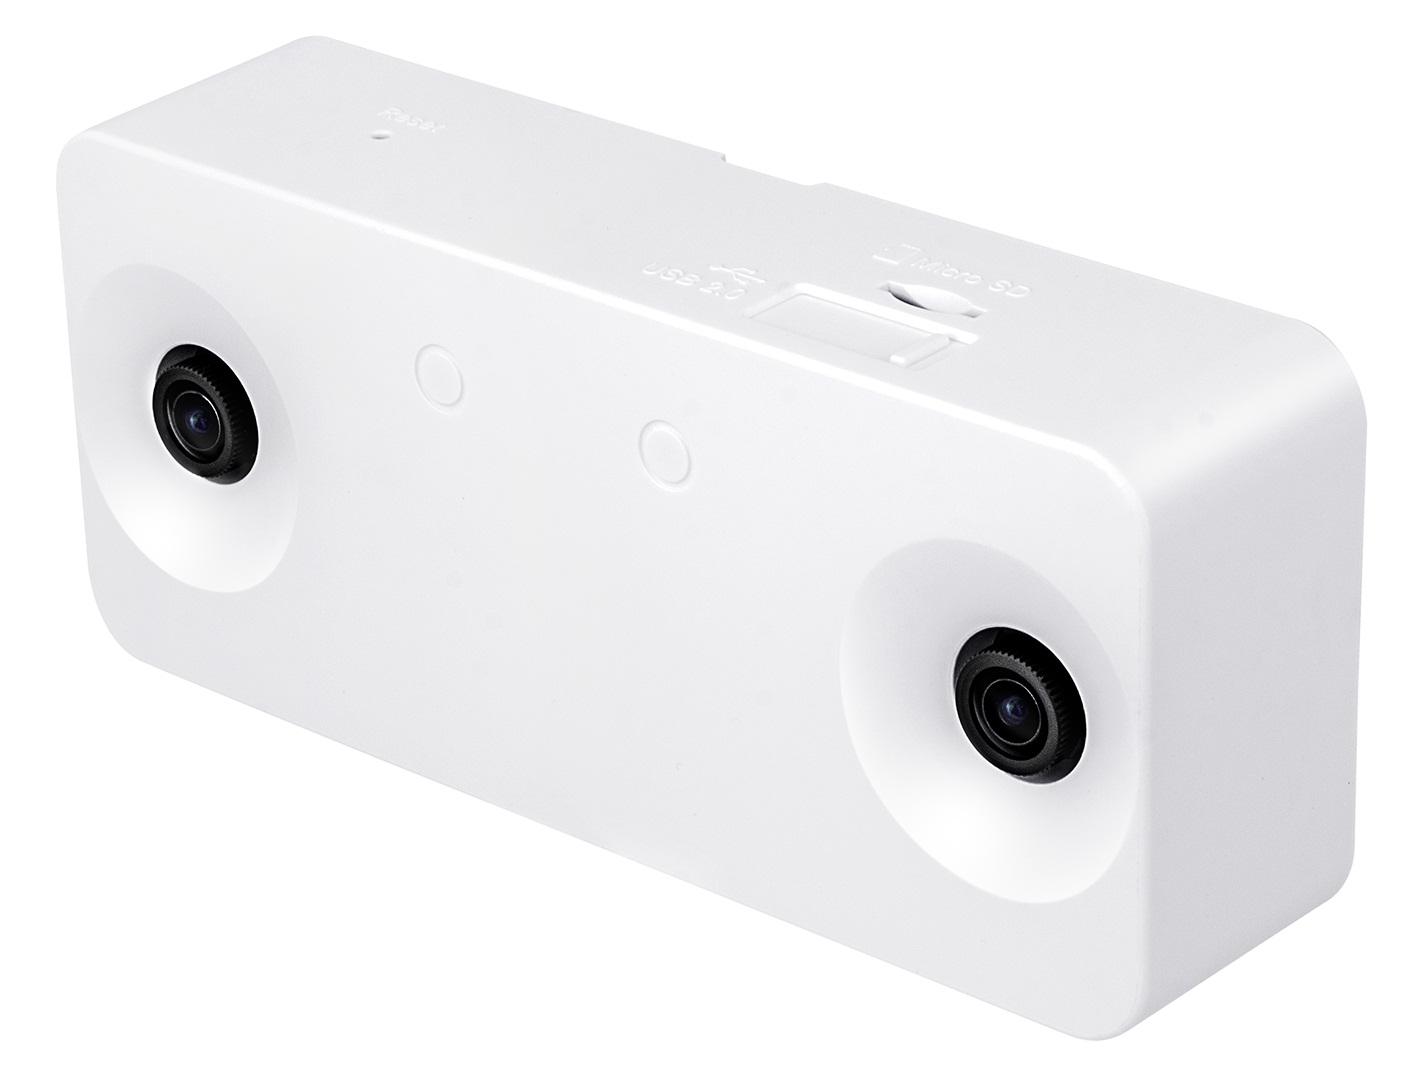 3D智慧型網路攝影機